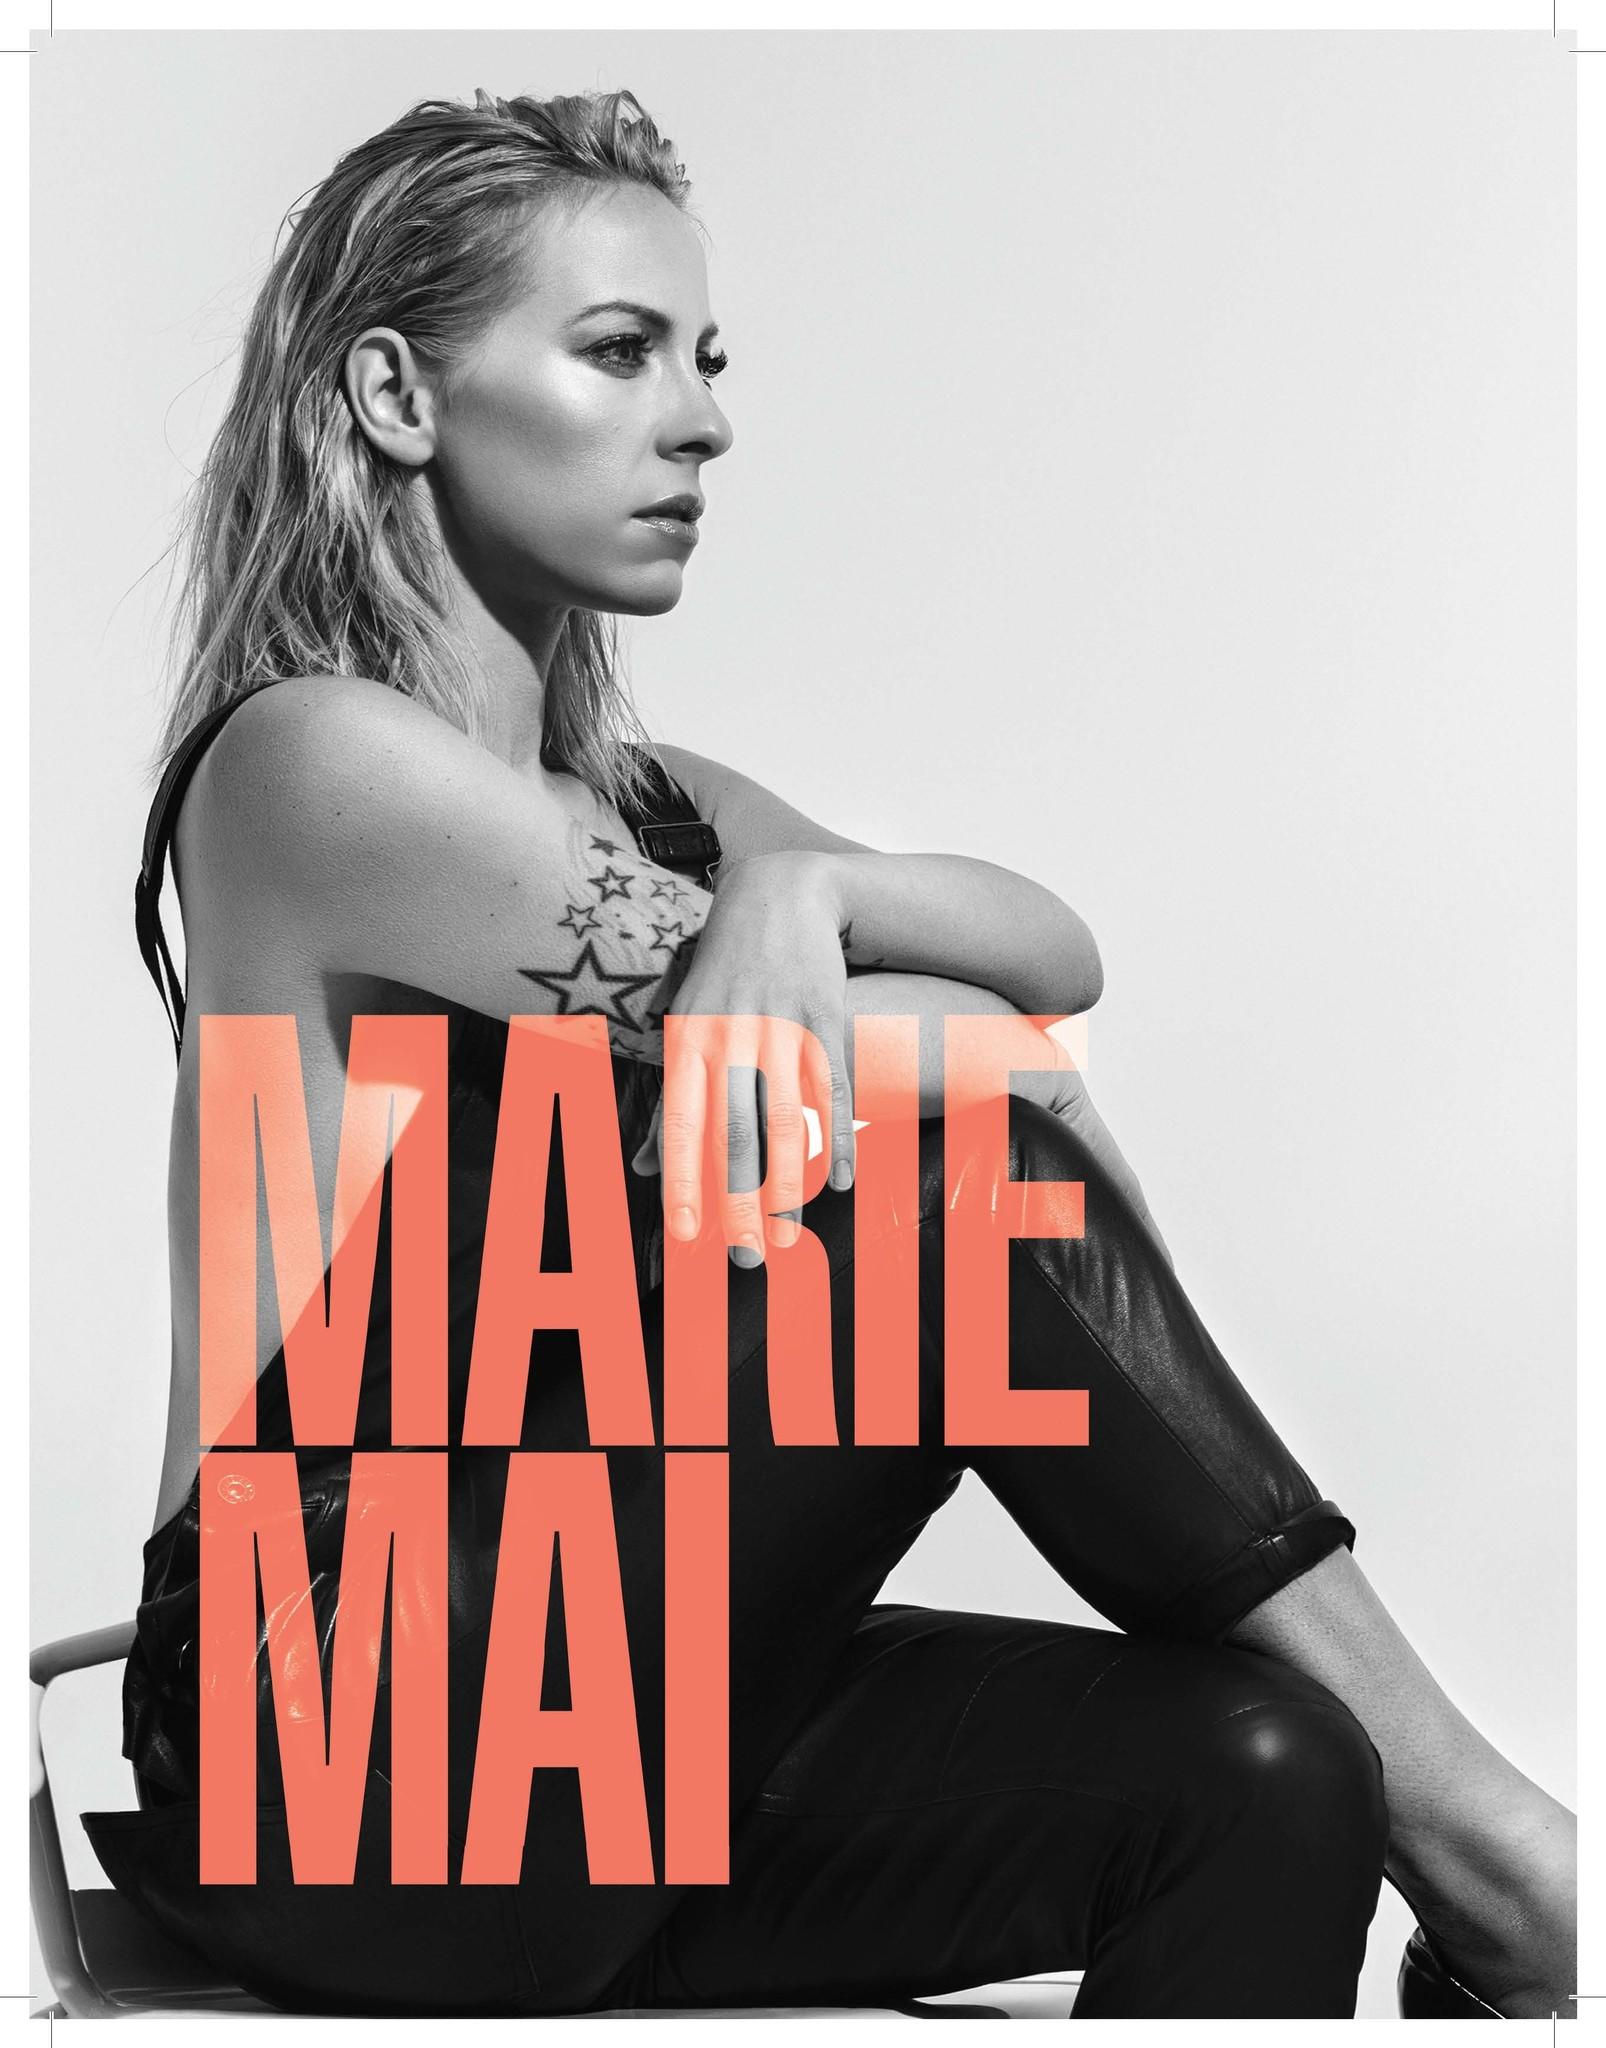 MARIE-MAI MM005 - AFFICHE 2